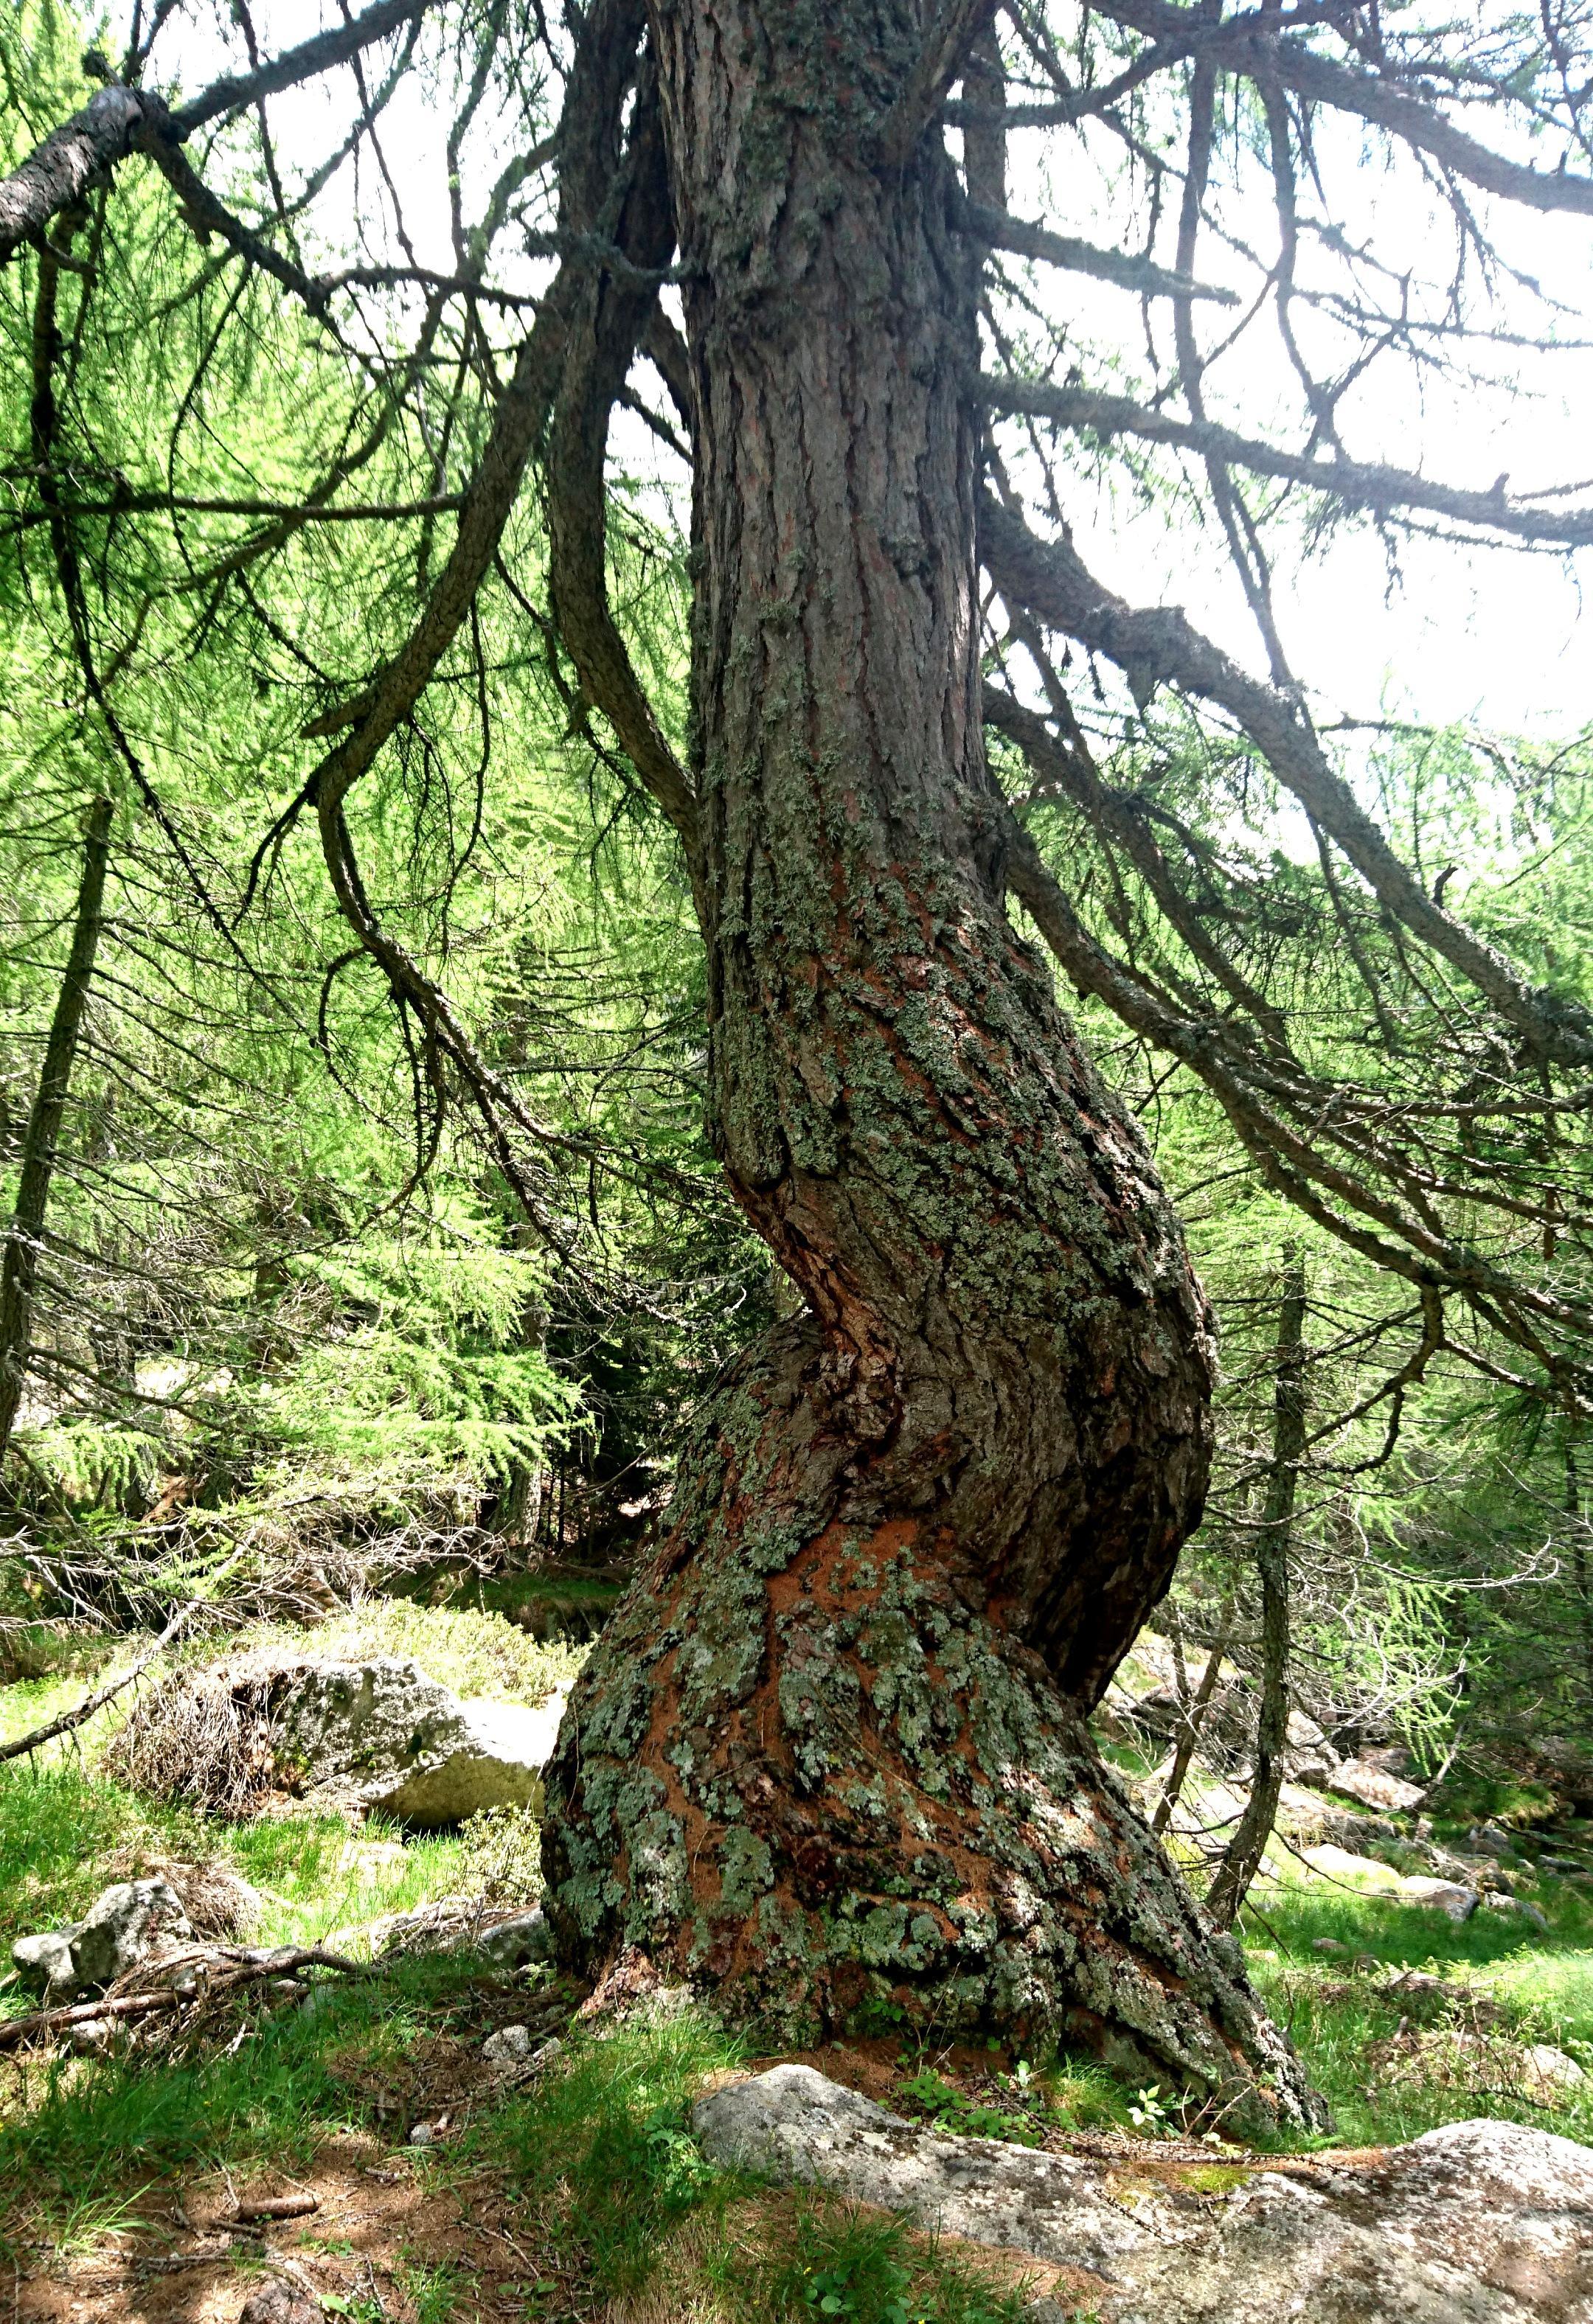 """albero arrotolato su se stesso, detto """"albero cavatappi"""""""